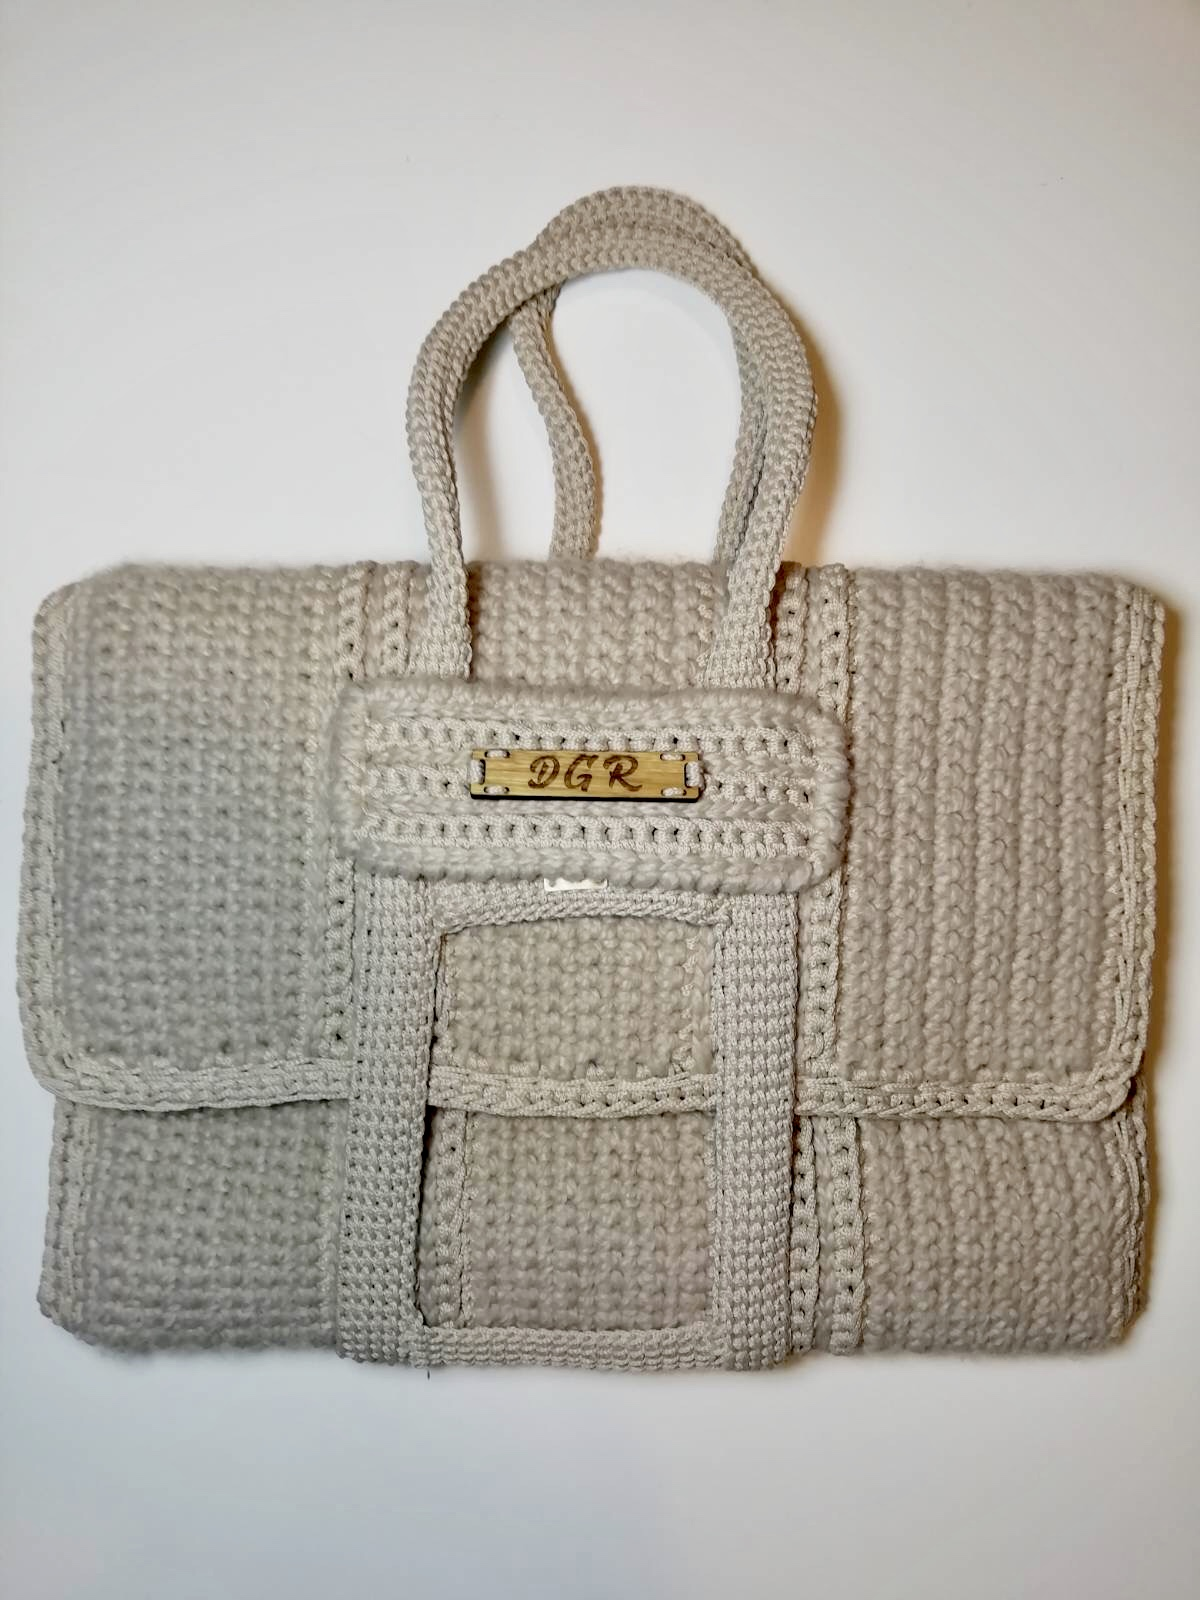 Crochet Bag in ivory